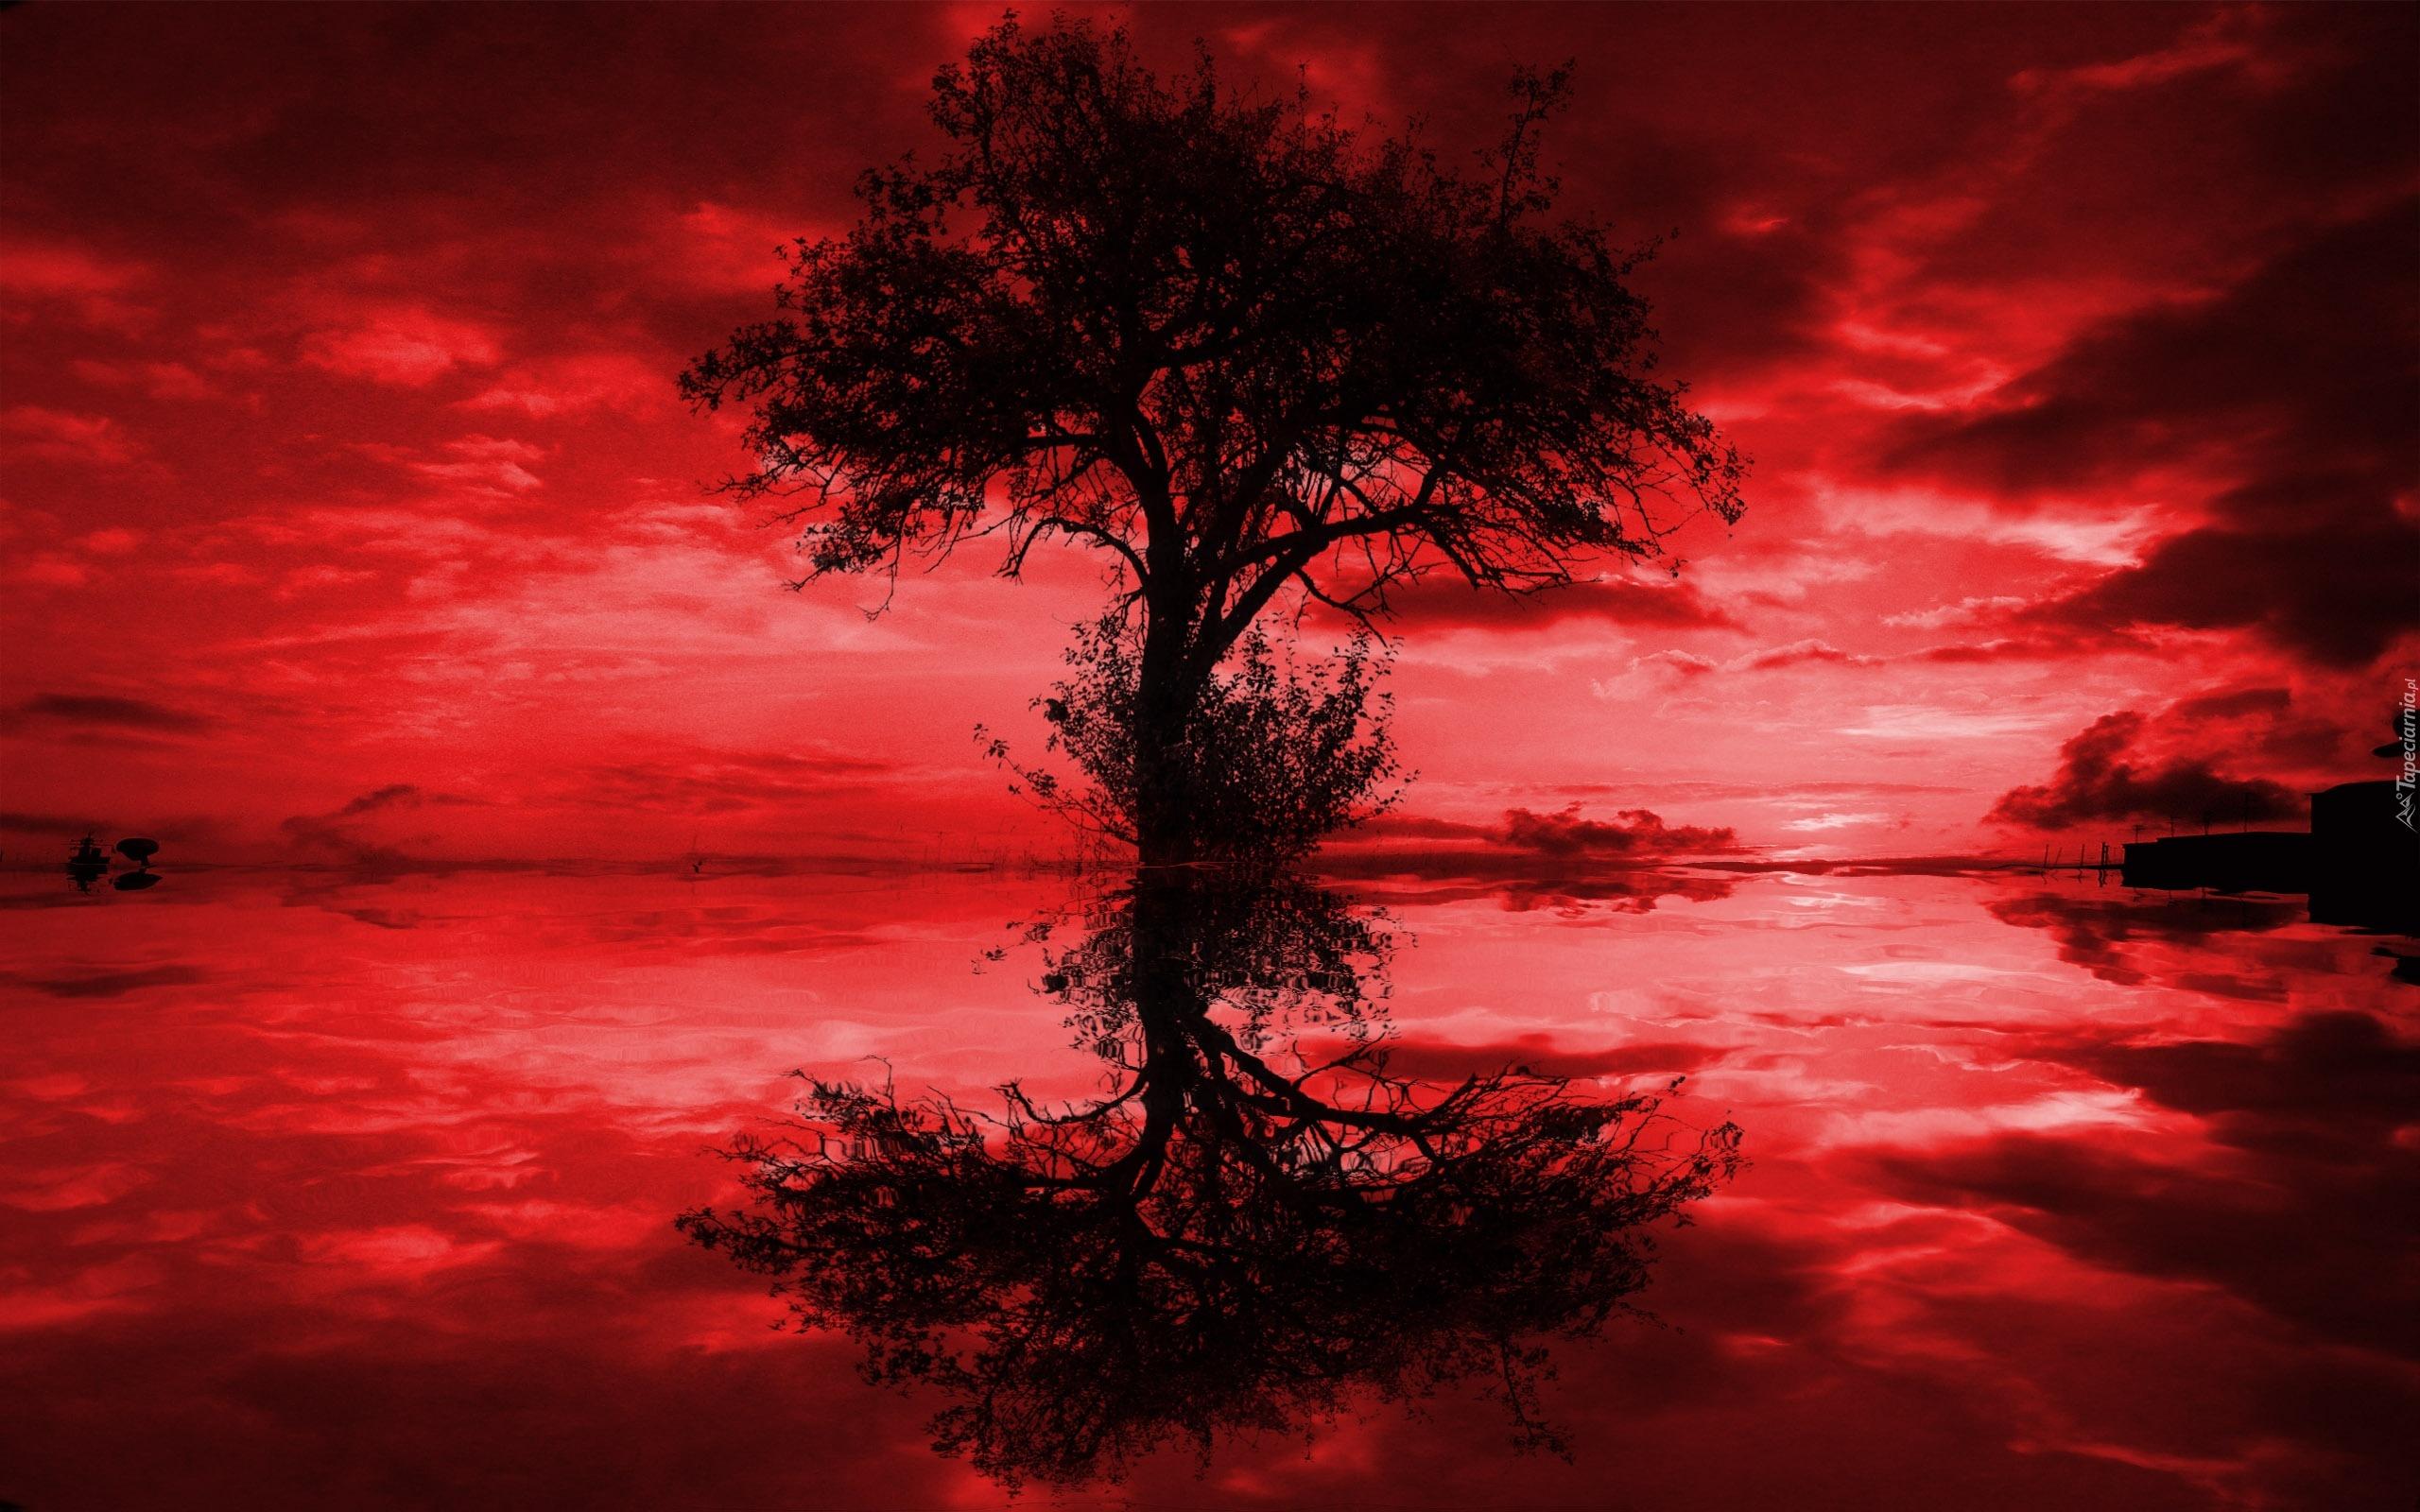 красные красивые картинки на телефон отличии